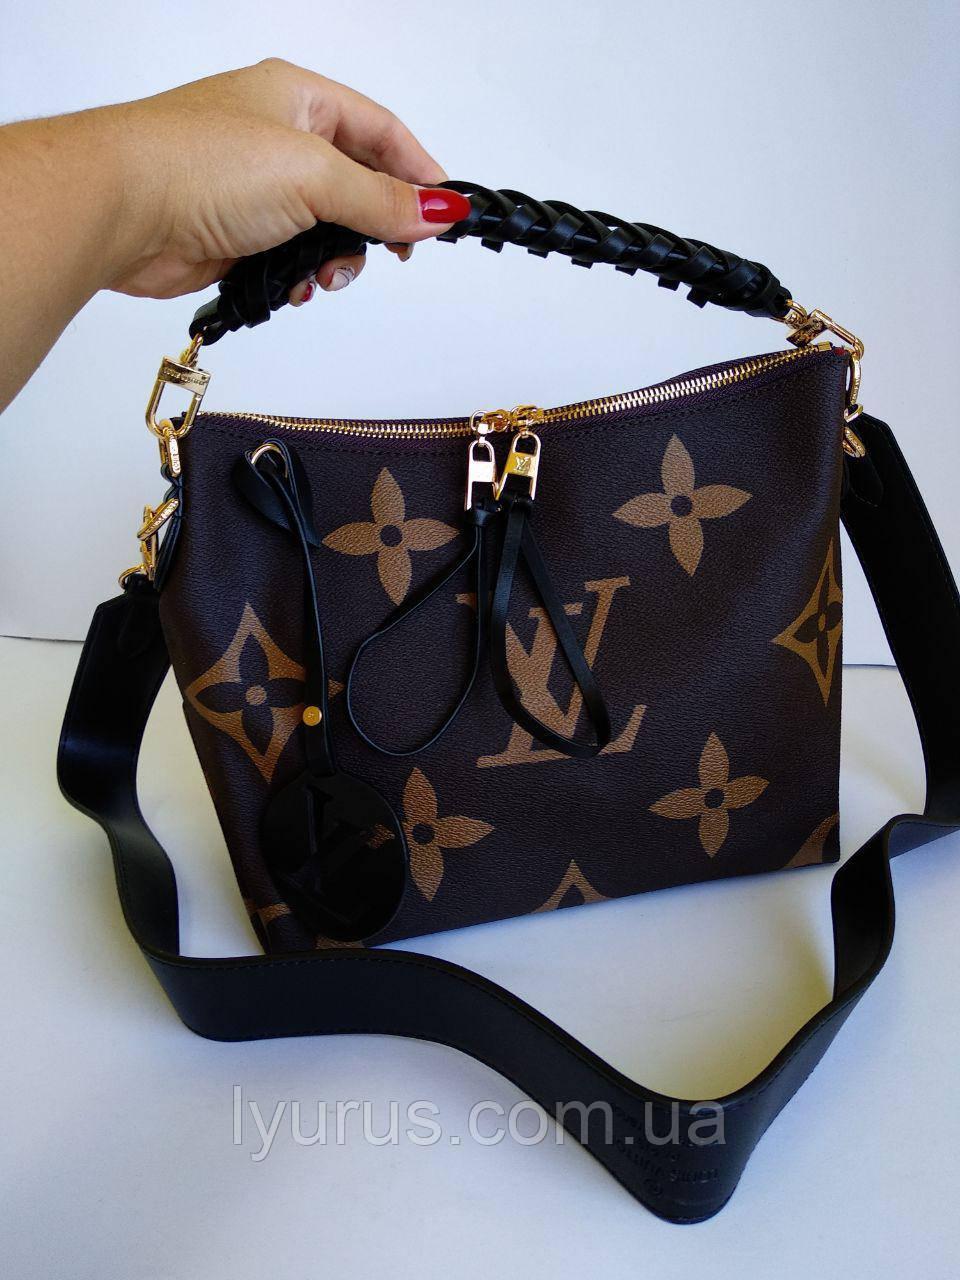 Женская сумка Louis Vuitton коричневая